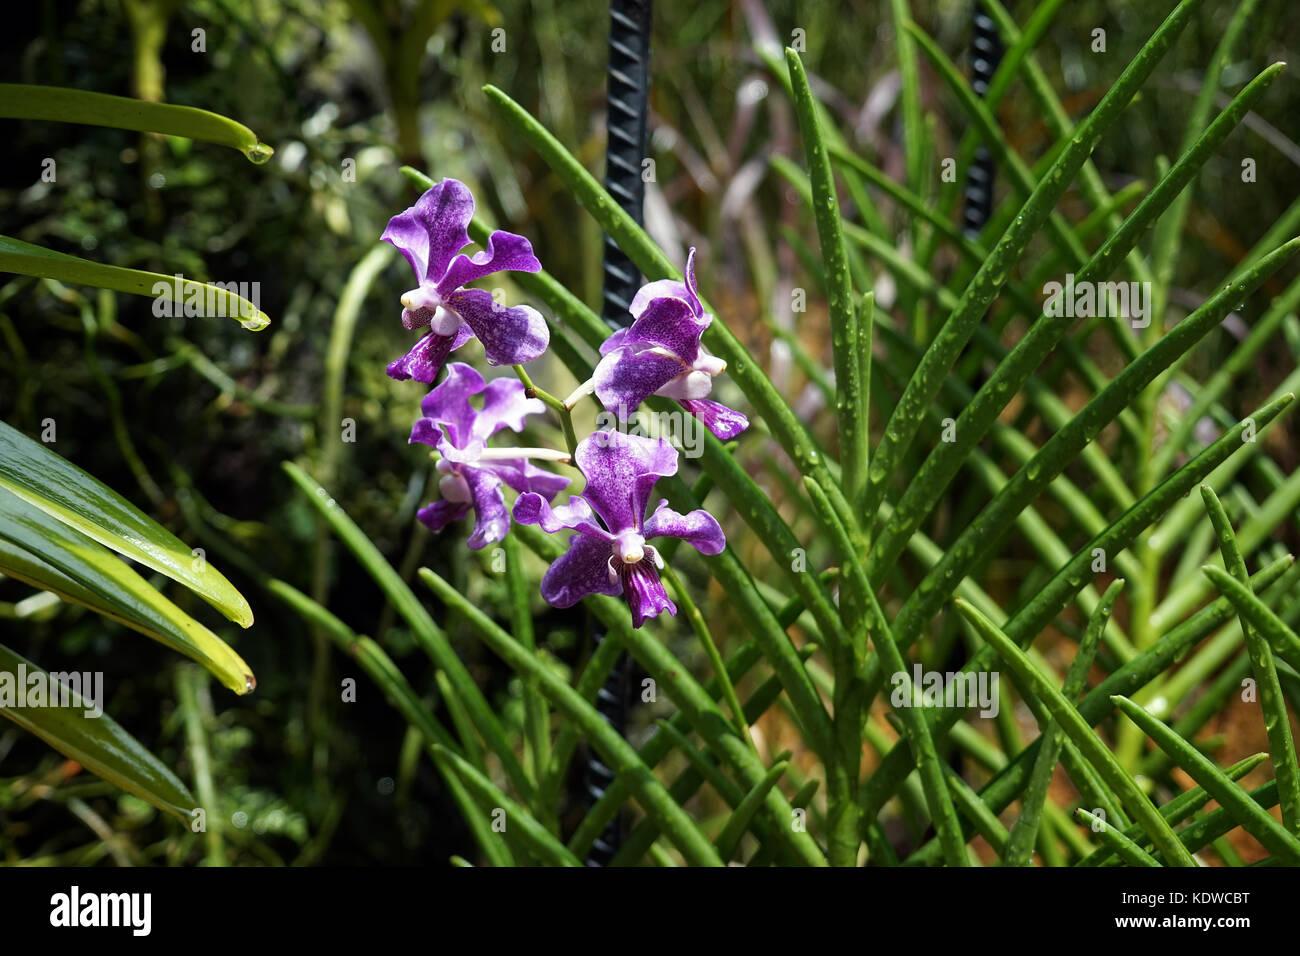 Singapur National Orchid Garden Singapur Orchideen garten . - Stock Image